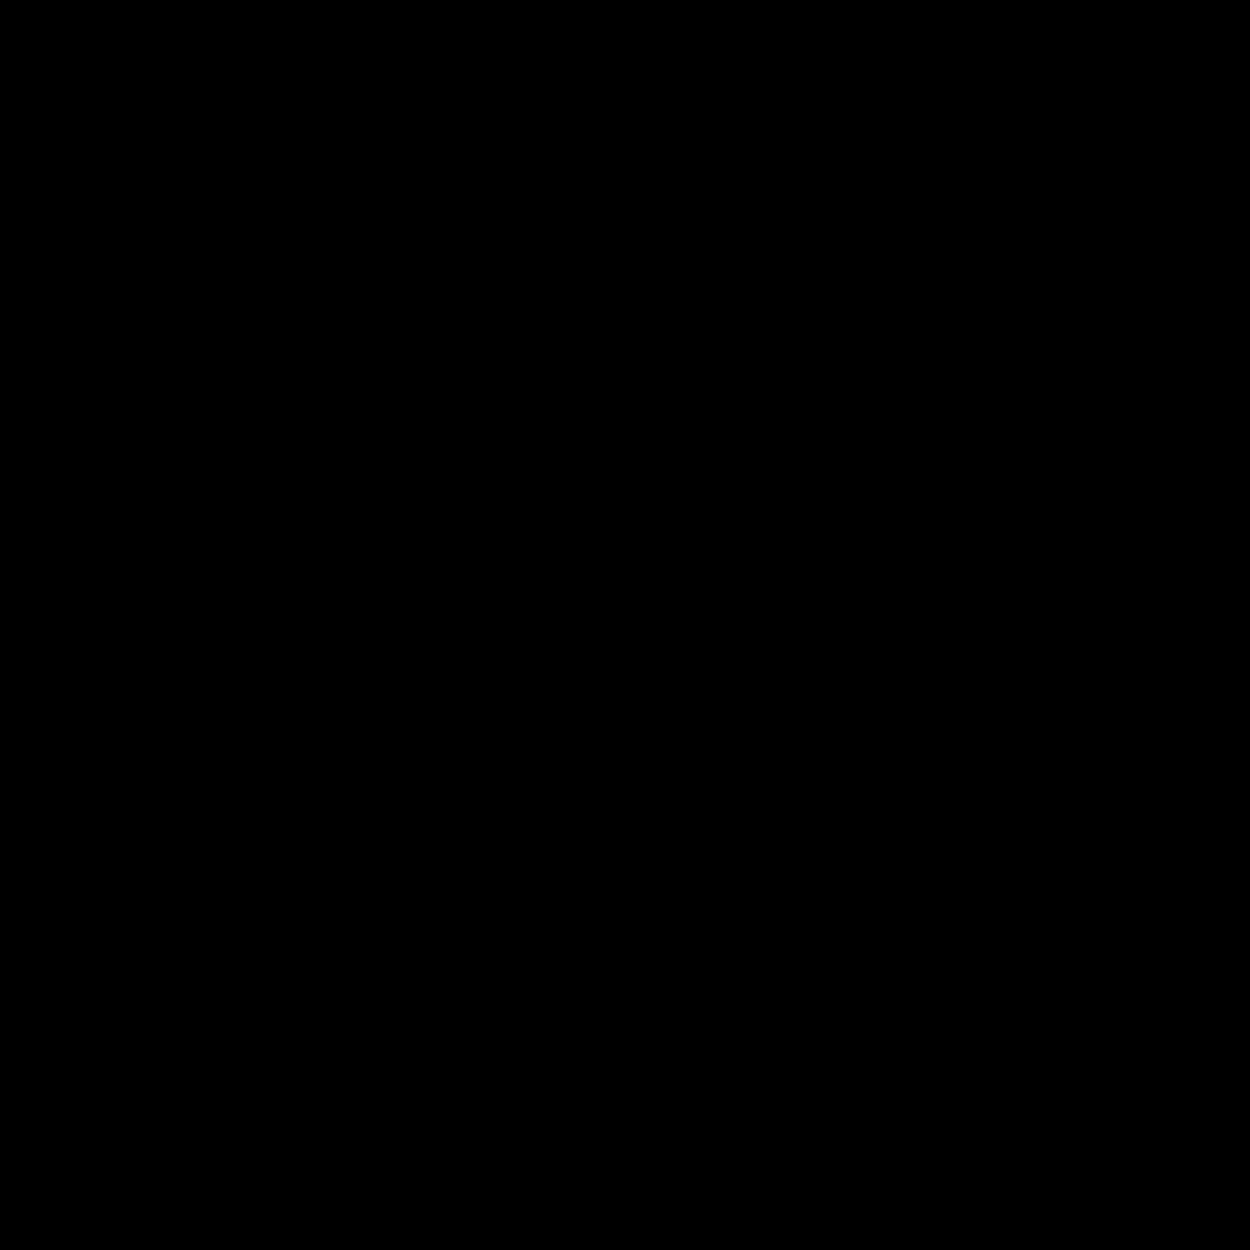 Светильник  точечный под полку арт231 светодиодный 6000К c сенсорным выключателем